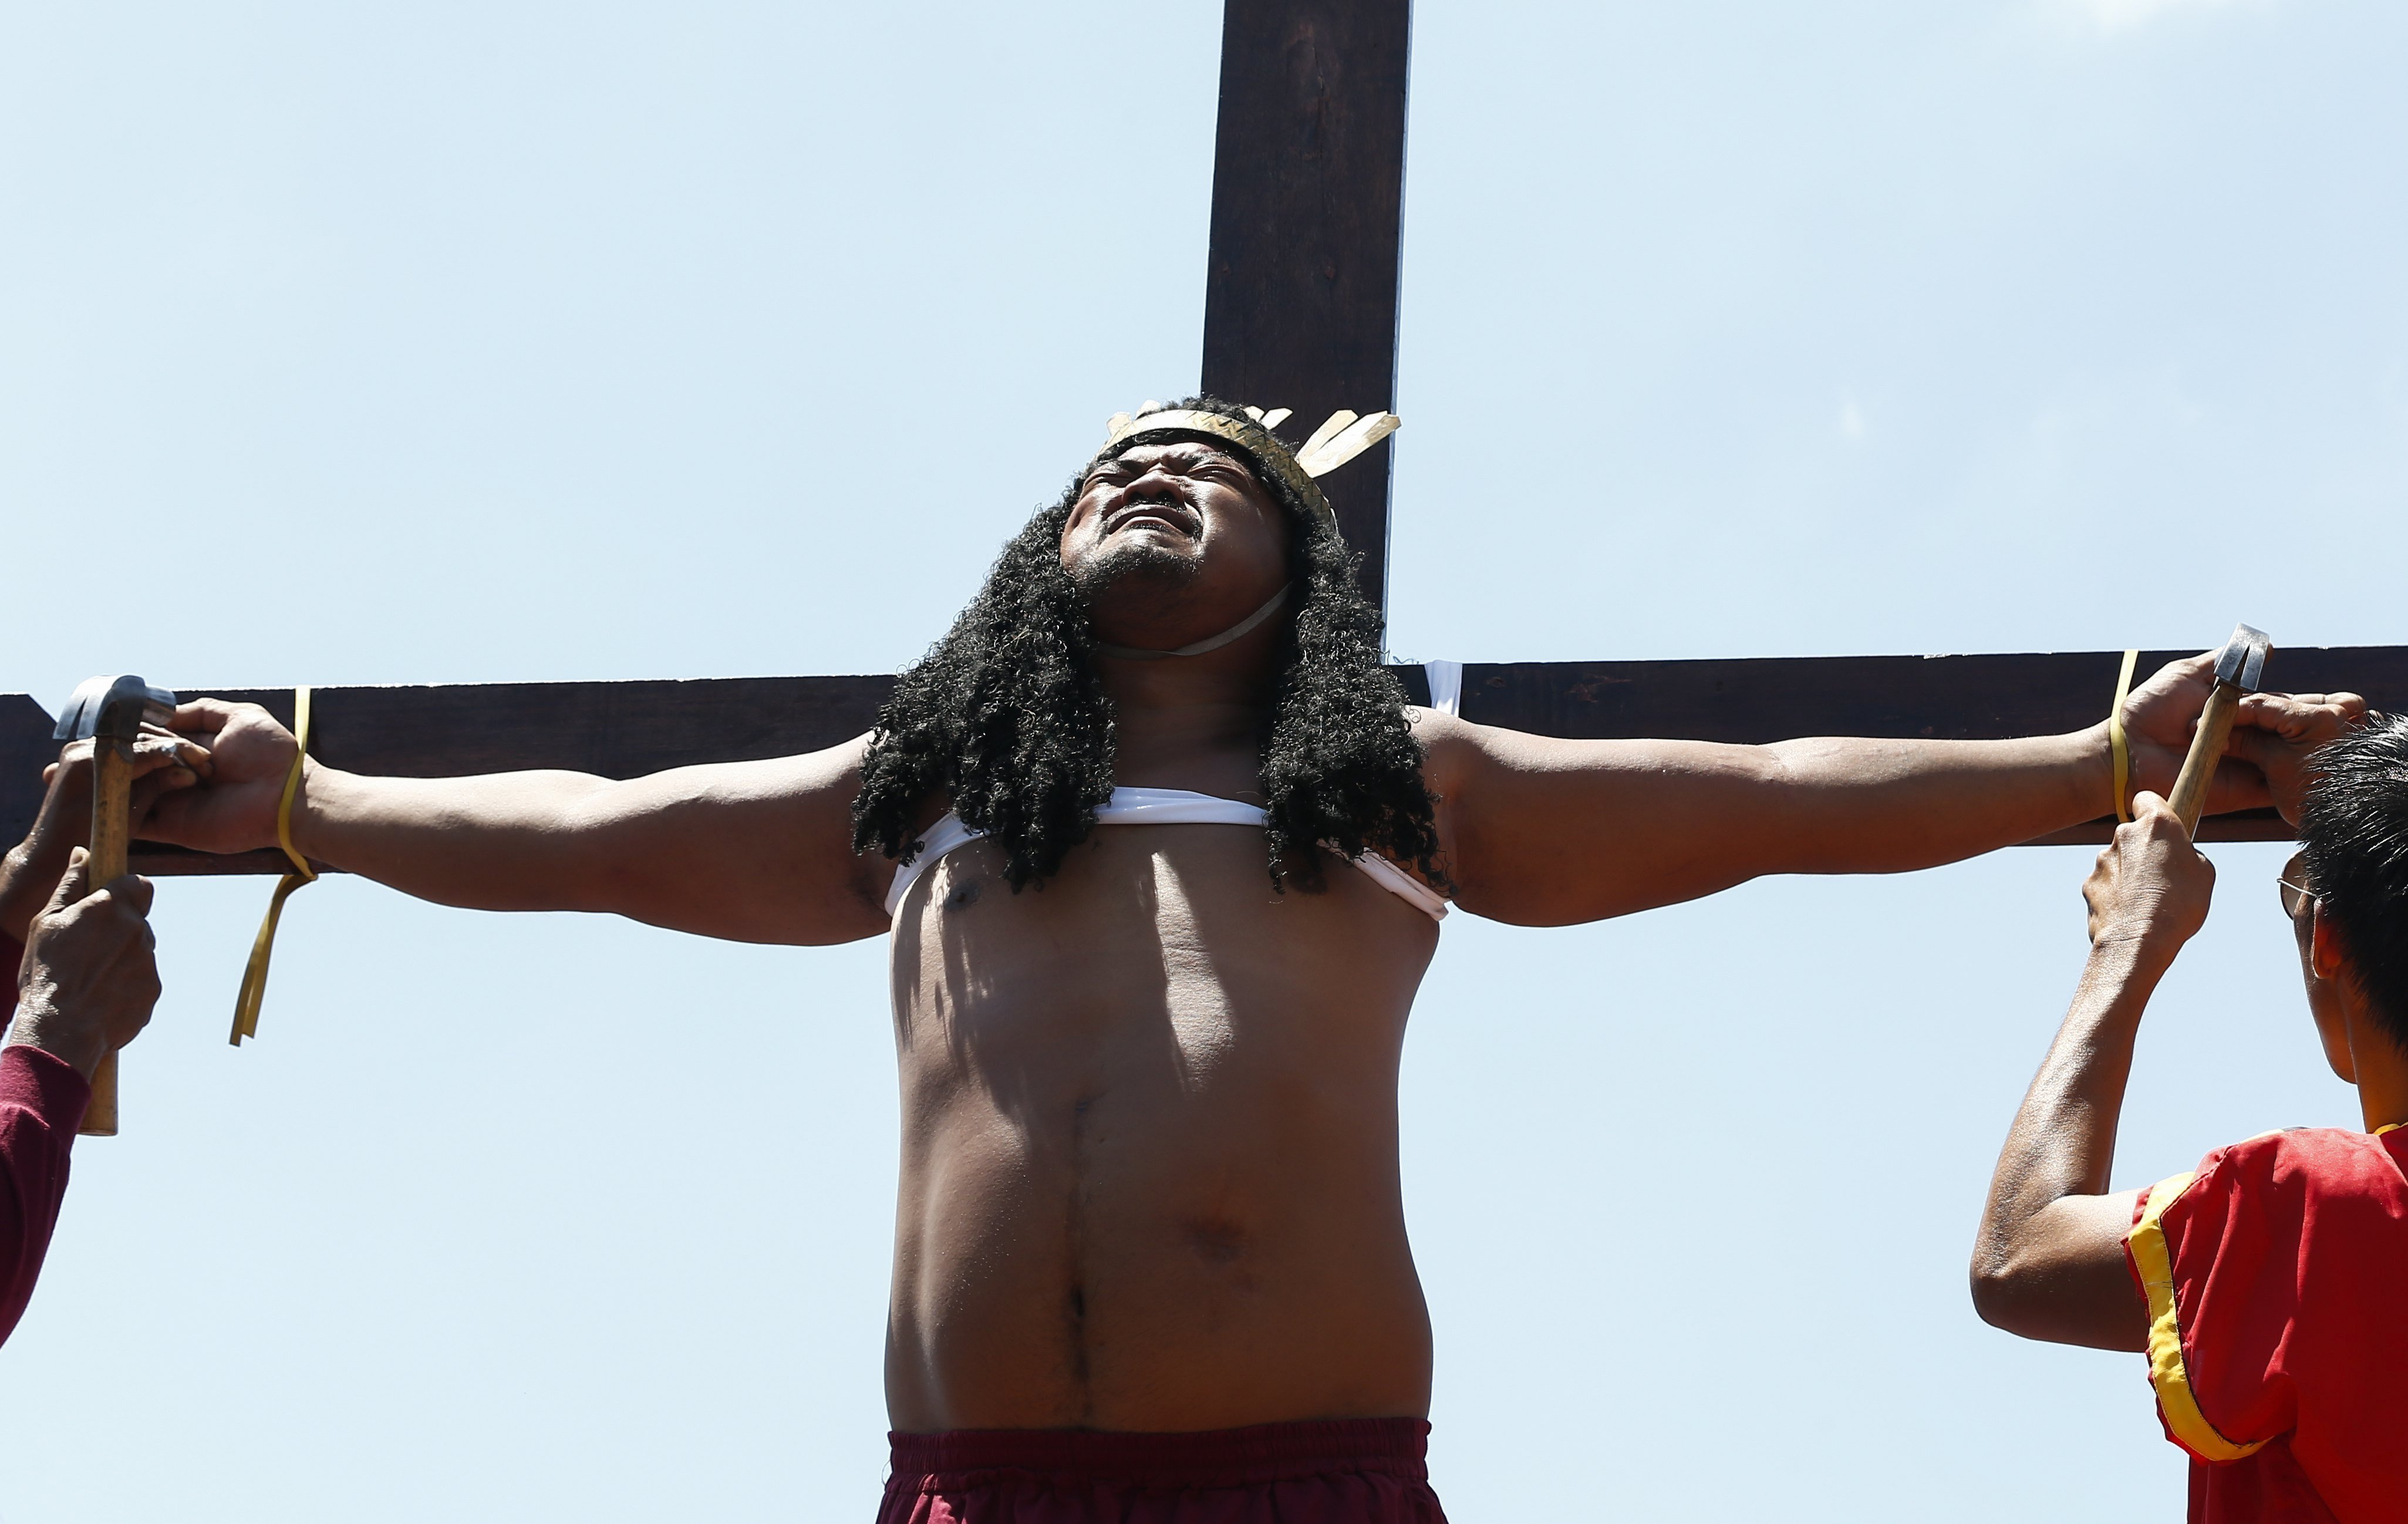 ROL09 MALOLOS (FILIPINAS) 14/04/2017.- Un penitente filipino es crucificado en público para recordar el sufrimiento de Cristo durante la celebración del Viernes Santo en el norte de Manila (Filipinas), hoy, 14 de abril de 2017. EFE/Rolex Dela Pena